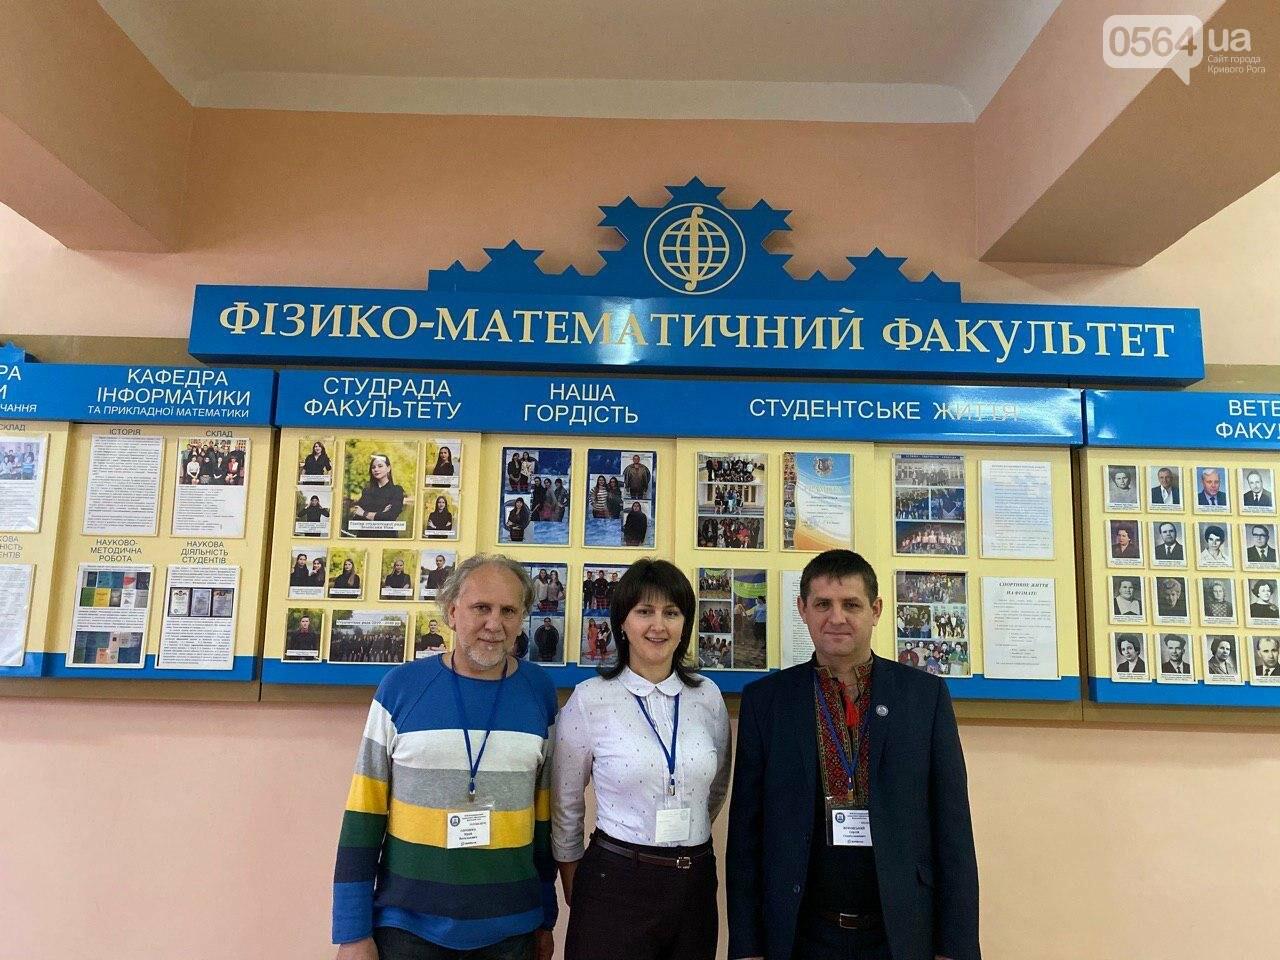 Впервые в Кривом Роге проходит Всеукраинский турнир юных информатиков, - ФОТО, фото-2